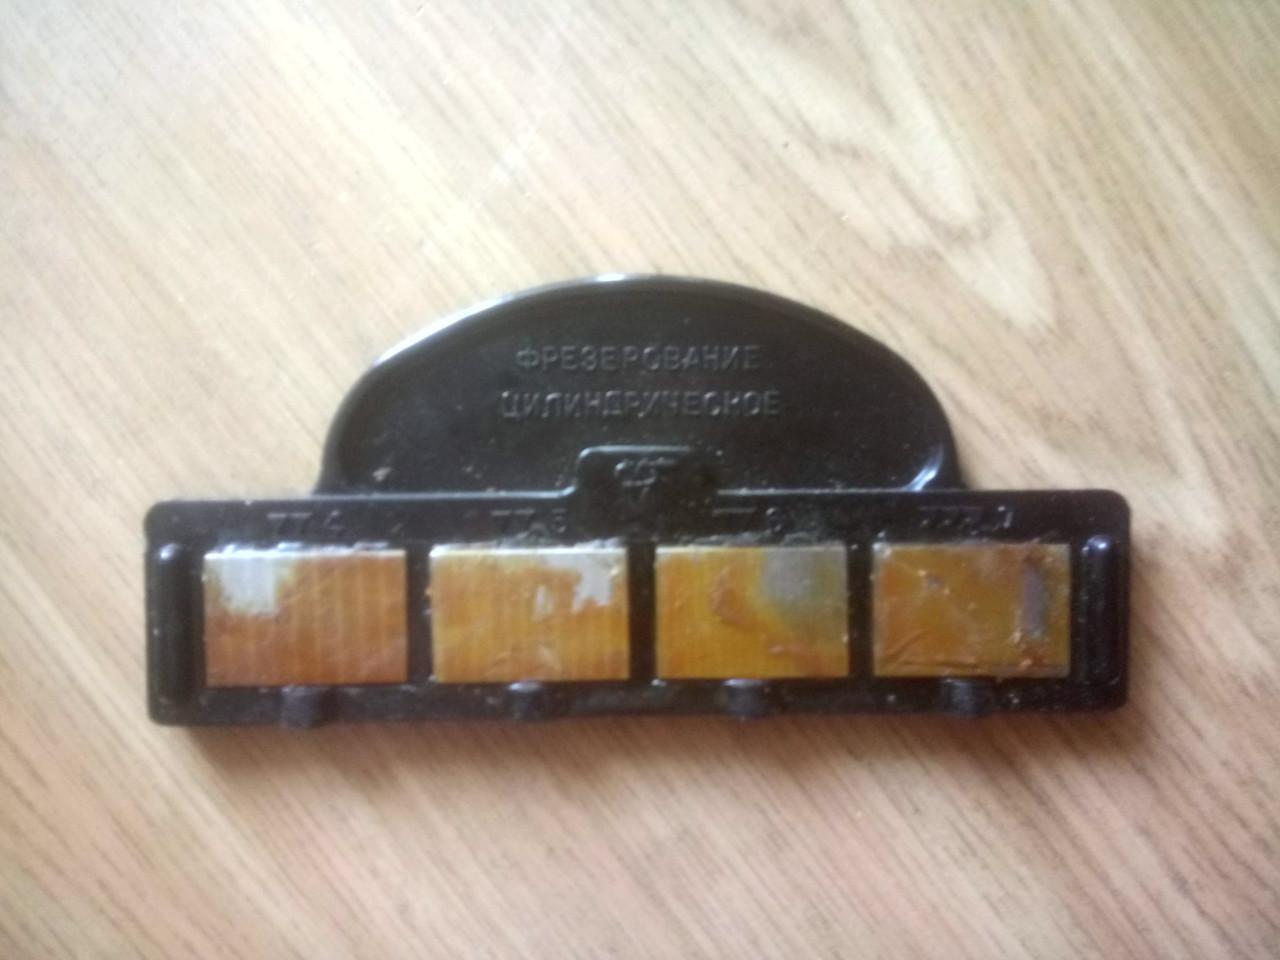 Образцы шероховатости по стали,фрезерование цилиндрическое и другие меры, возможна калибровка в УкрЦСМ